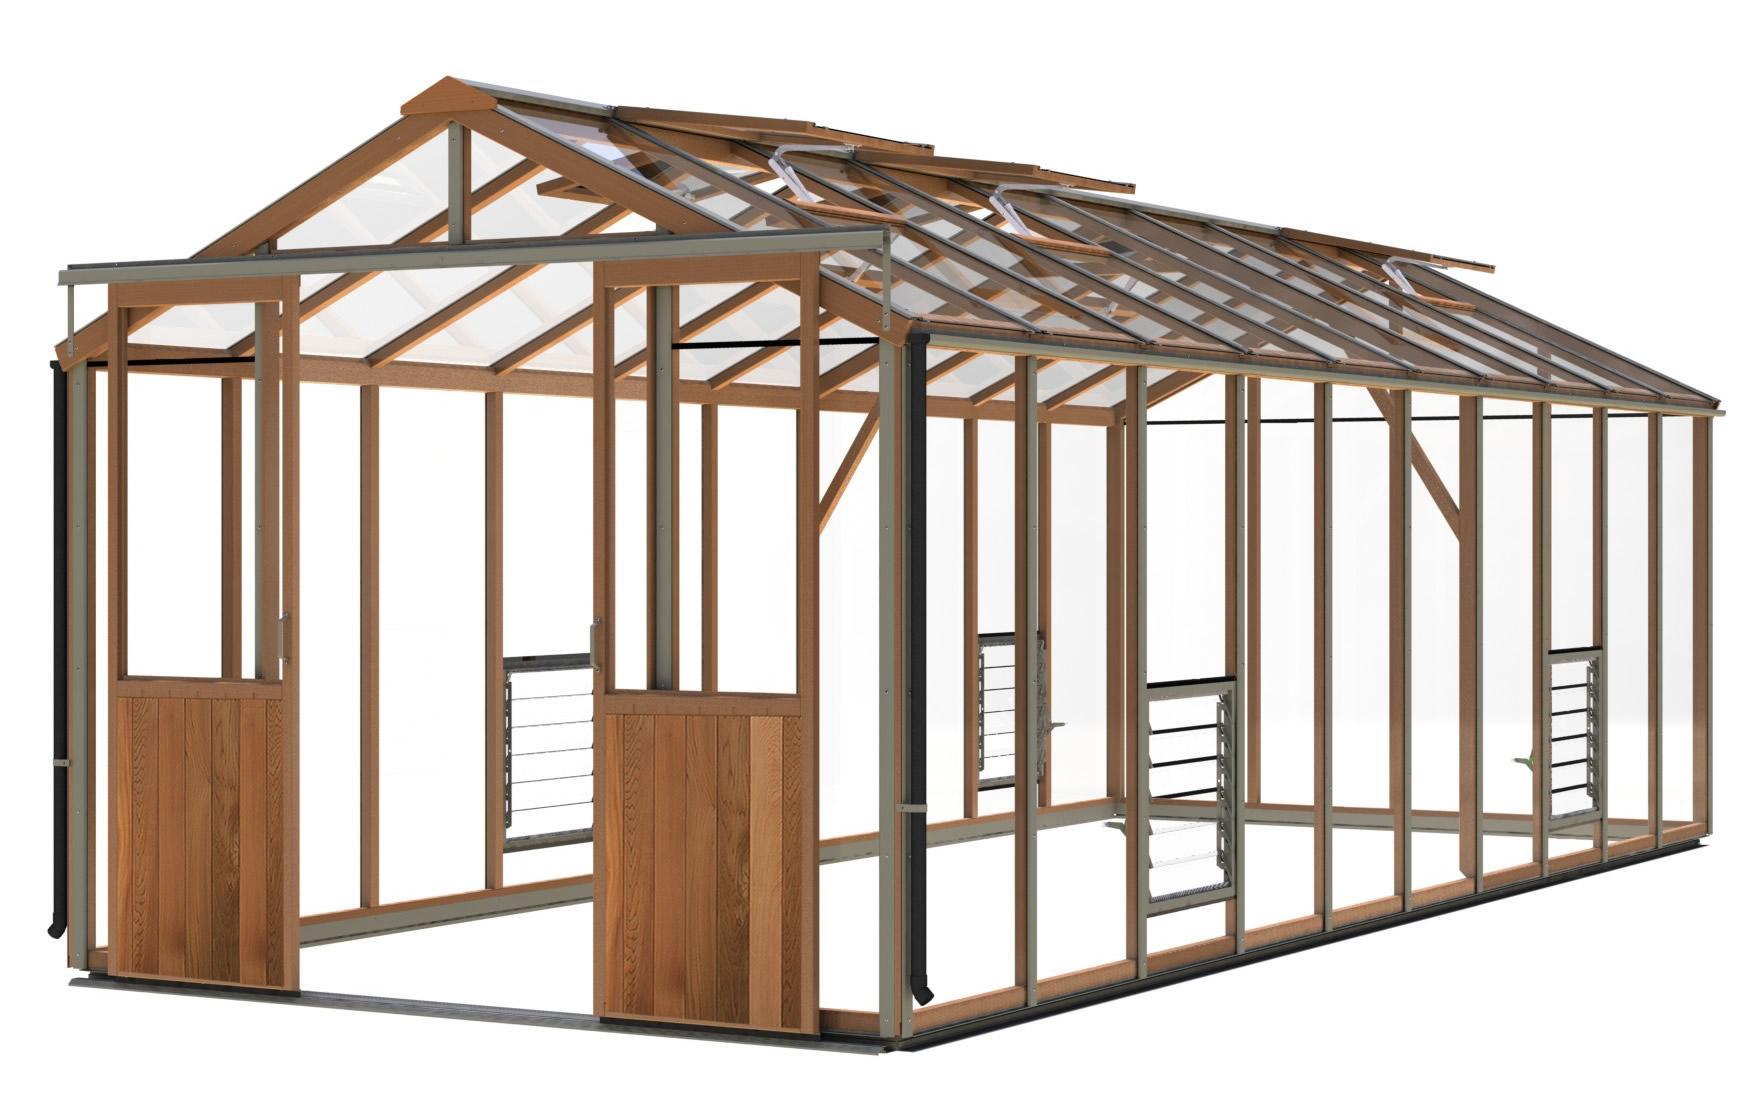 Hervorragend Gewächshaus Holz EVO8 (2617mm x 8276mm) - Gewächshaus aus KS28